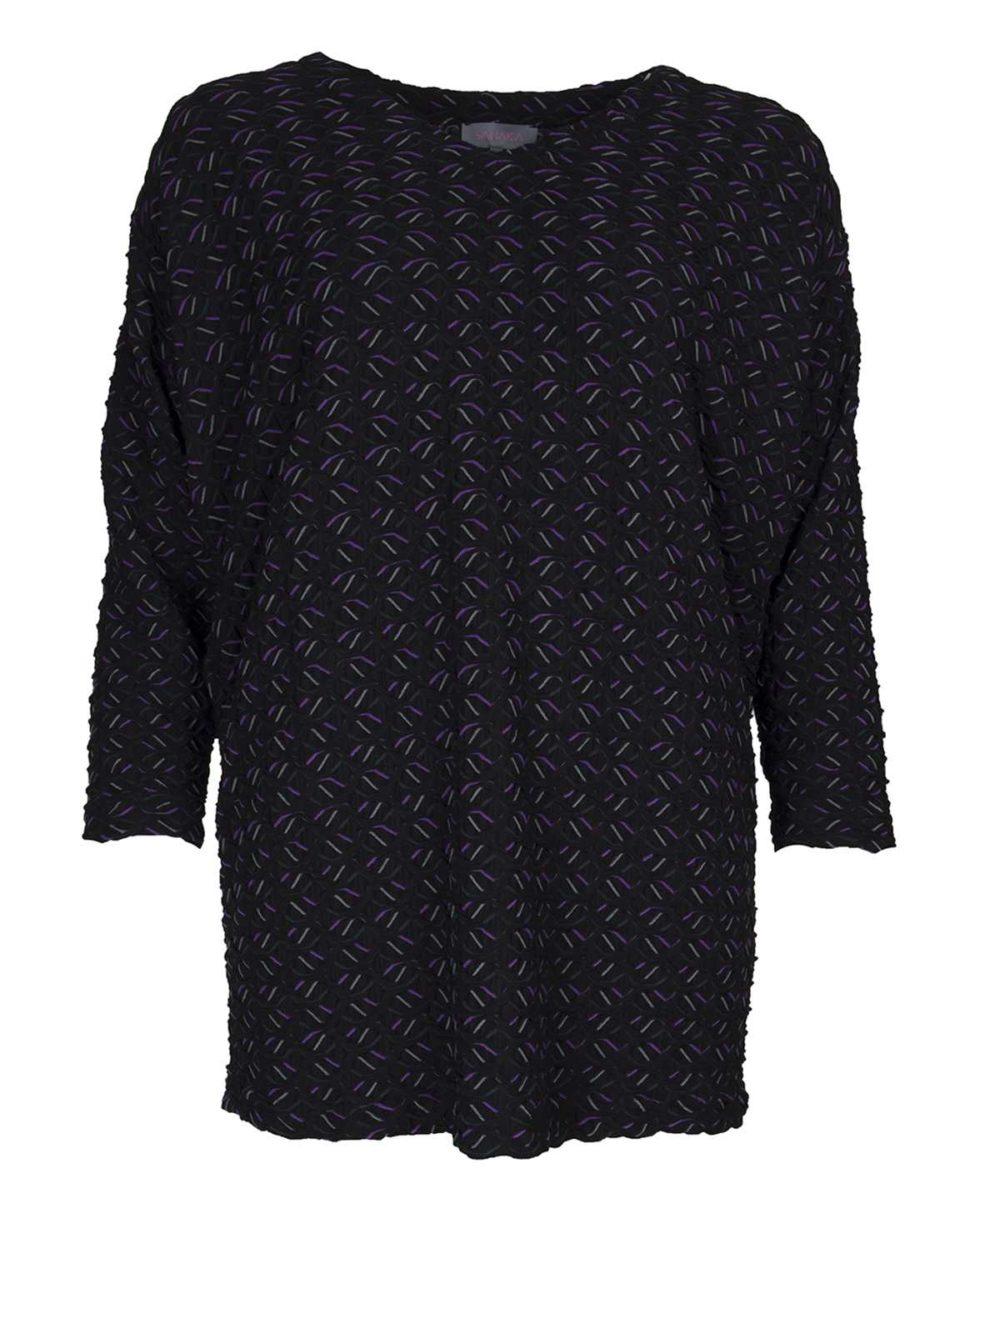 Textured Ripple Jersey Tunic